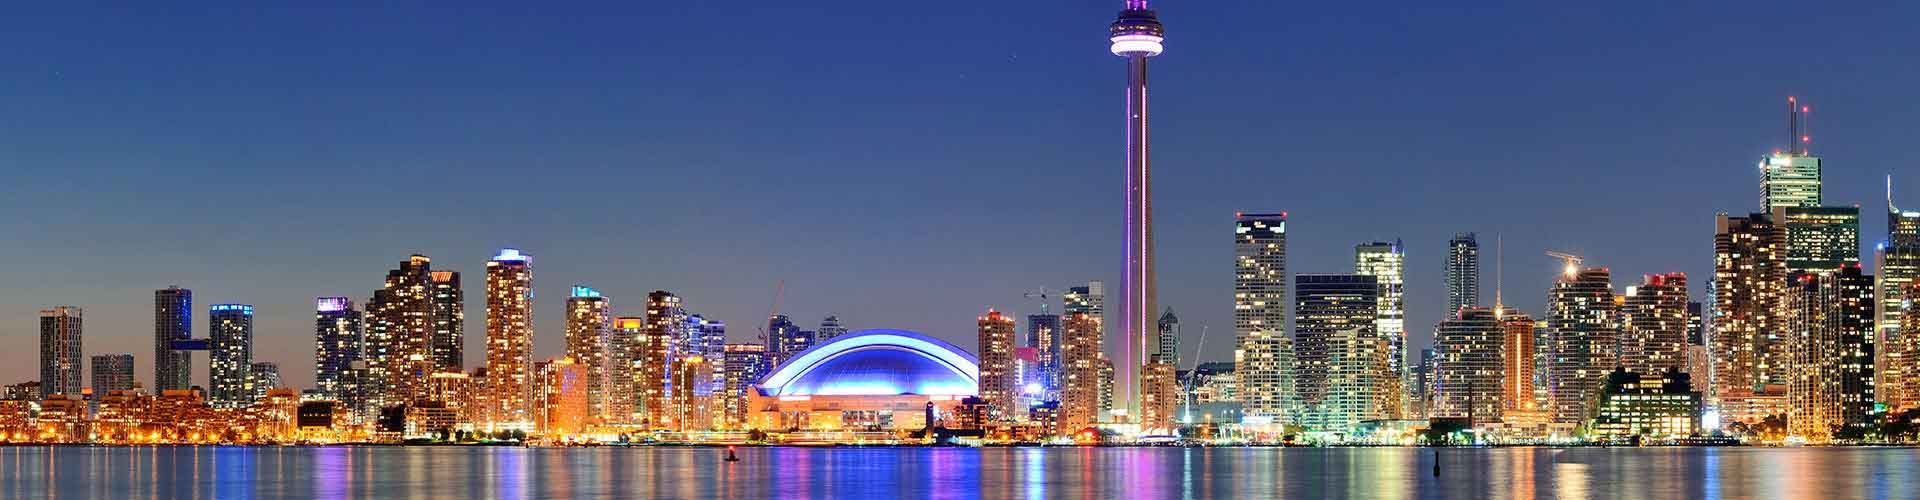 Toronto - Hoteles baratos en el distrito Underwood. Mapas de Toronto, Fotos y comentarios de cada Hotel barato en Toronto.